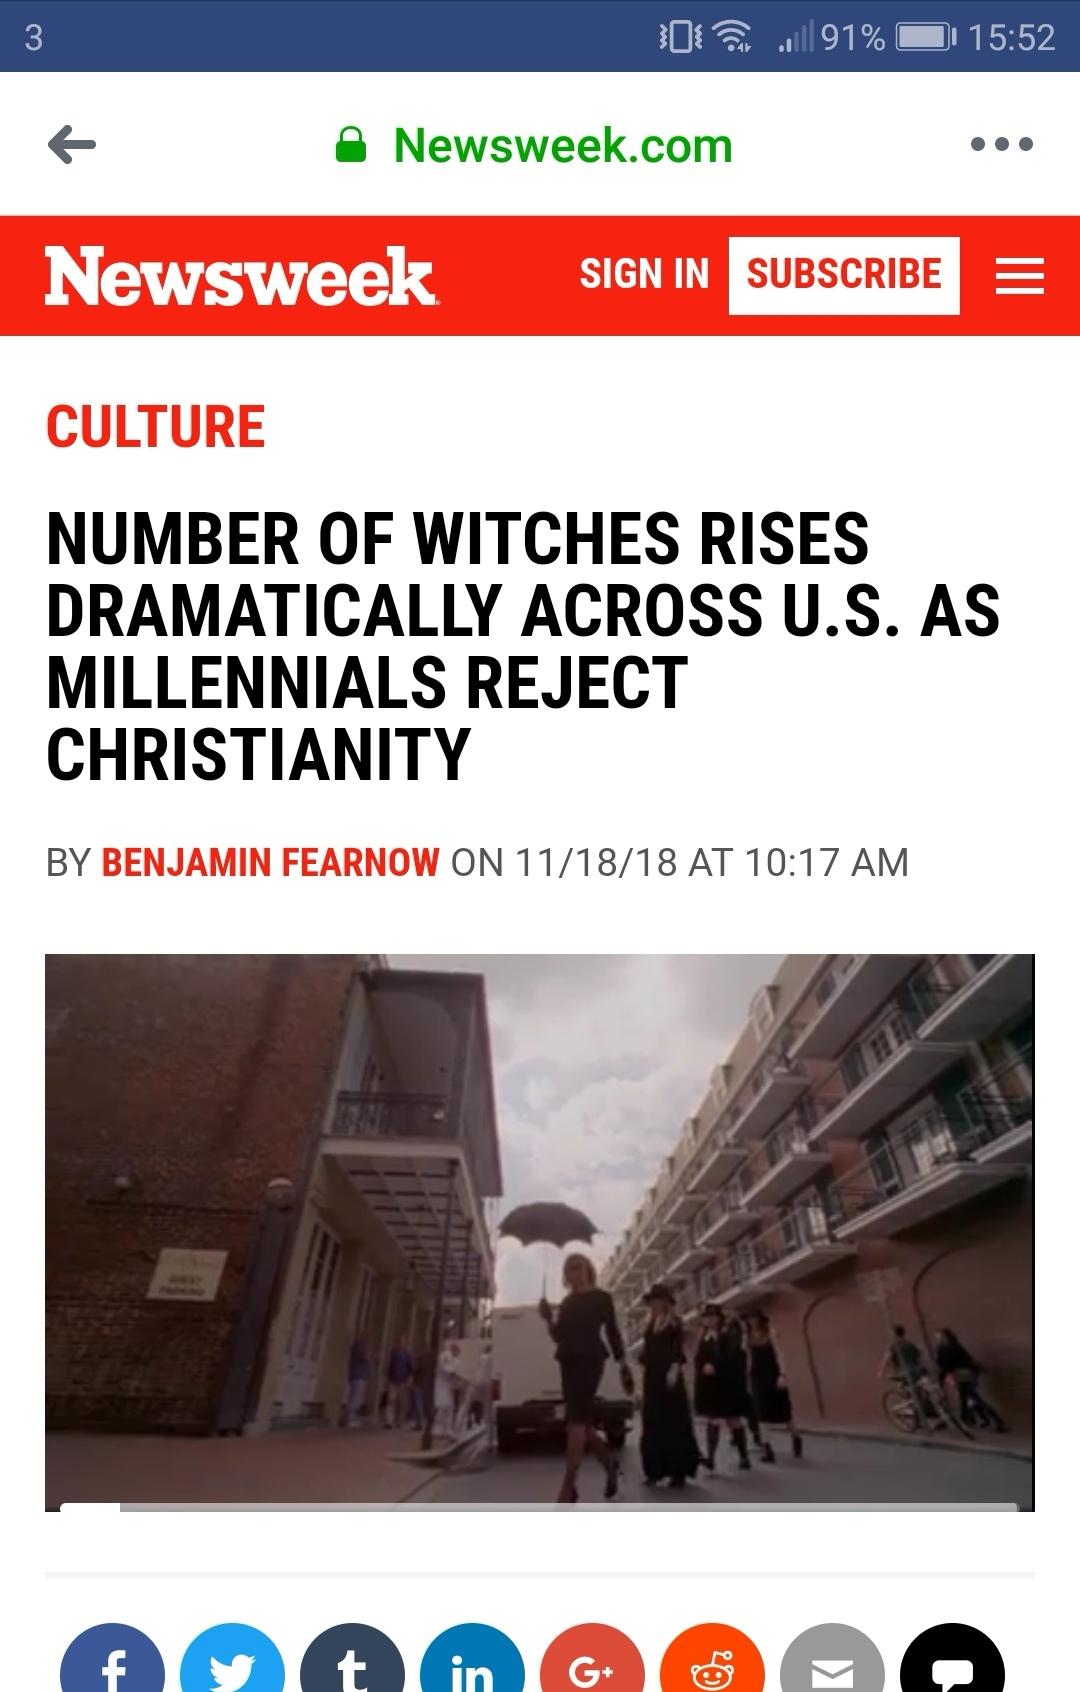 Those damn millennials :^) - meme